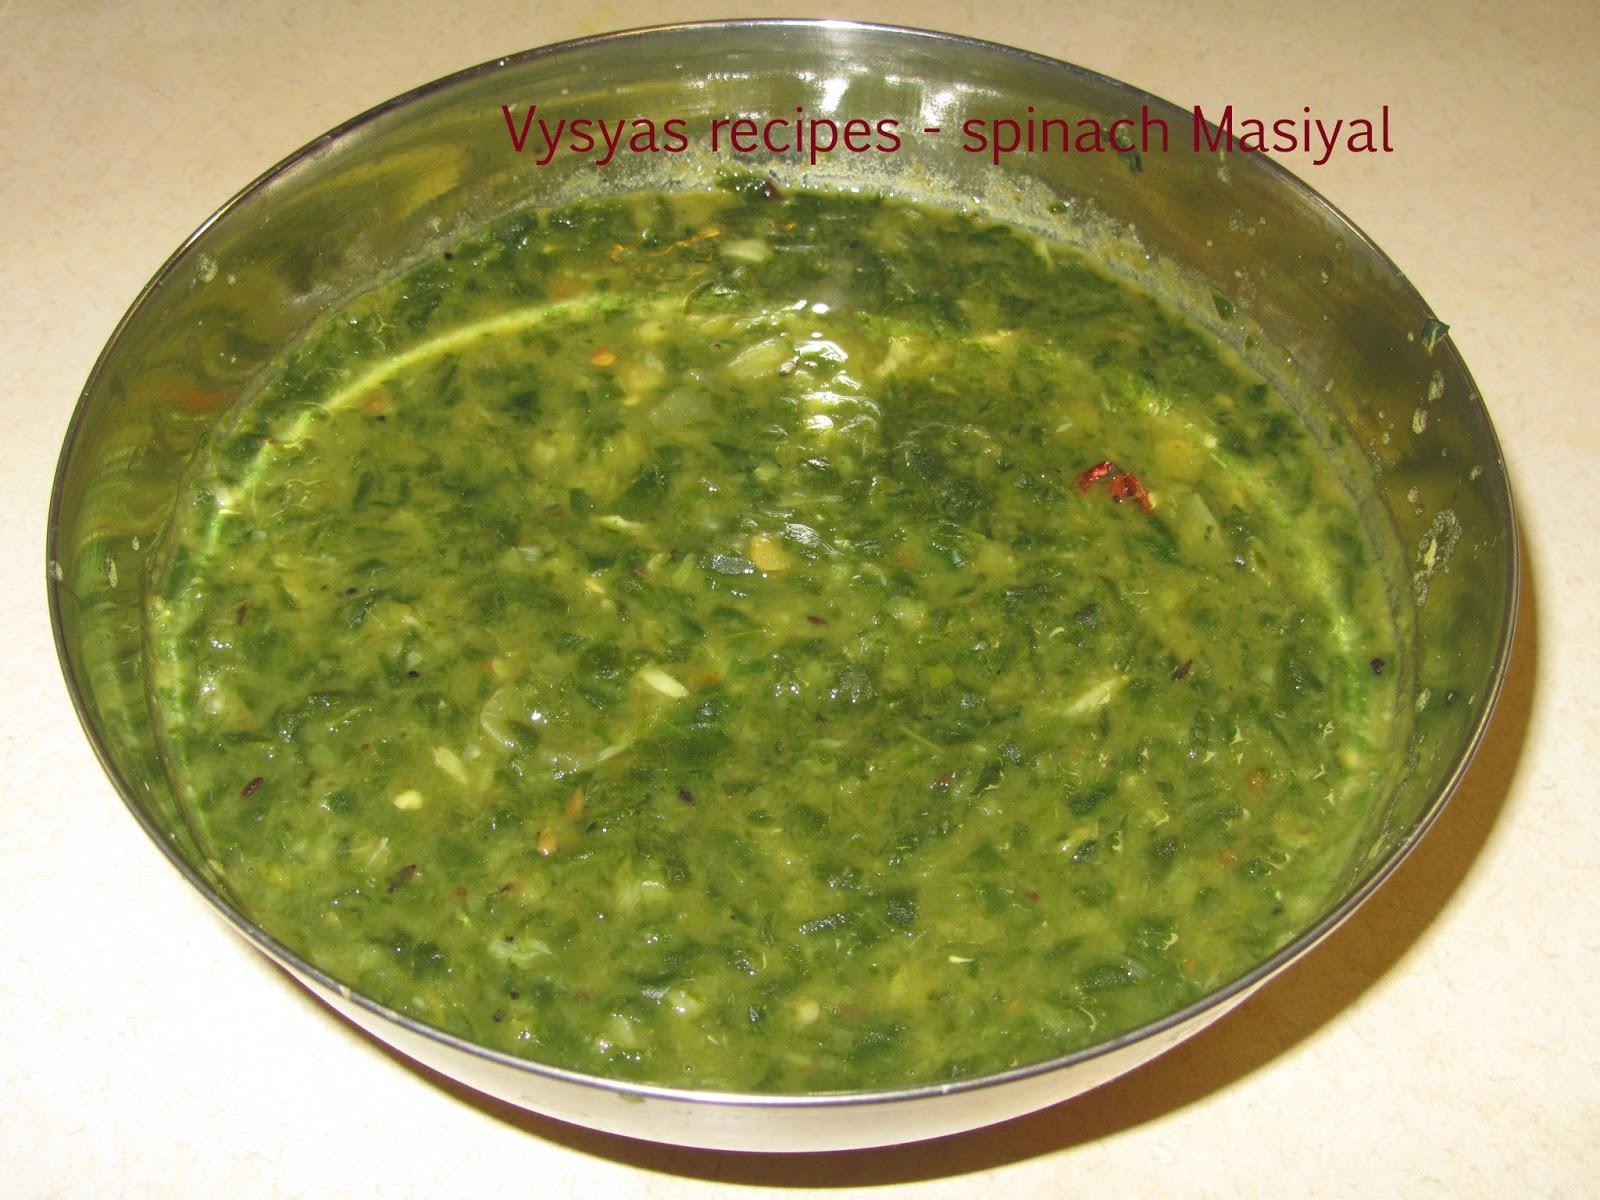 Palak keerai Masiyal - Palakkoora  pappu - Spinach masiyal - Keerai Masiyal